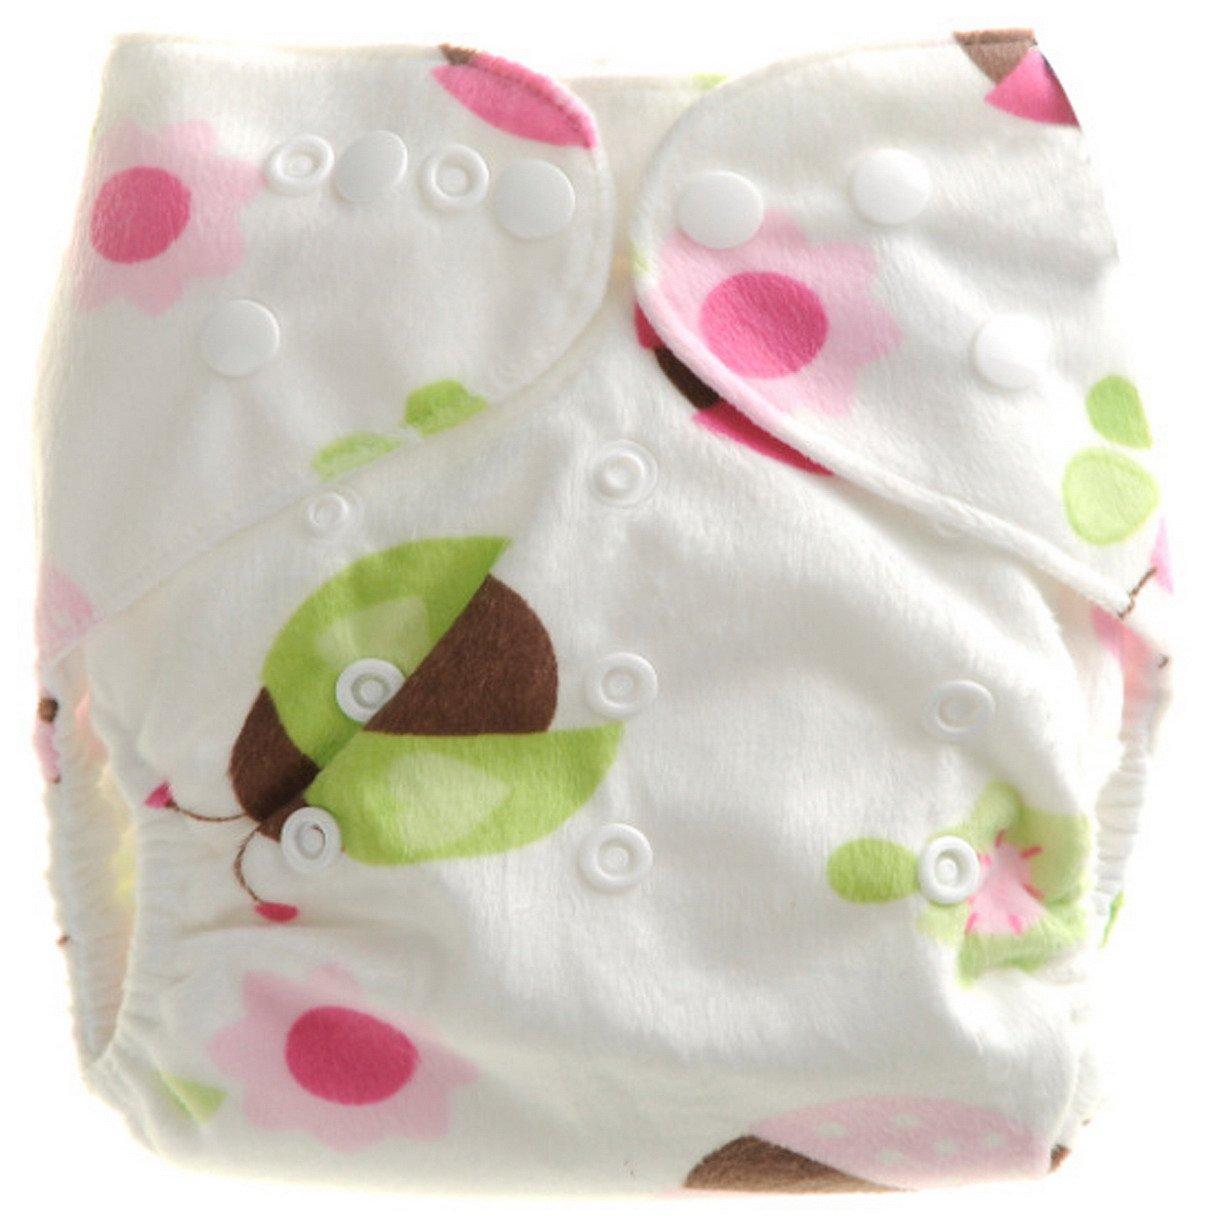 Aivtalk Bebé Niño Niña Pañal de Tela Felpa Corta Transpirable Lavable con Botones Cloth Diaper Absorbente - Bóhos